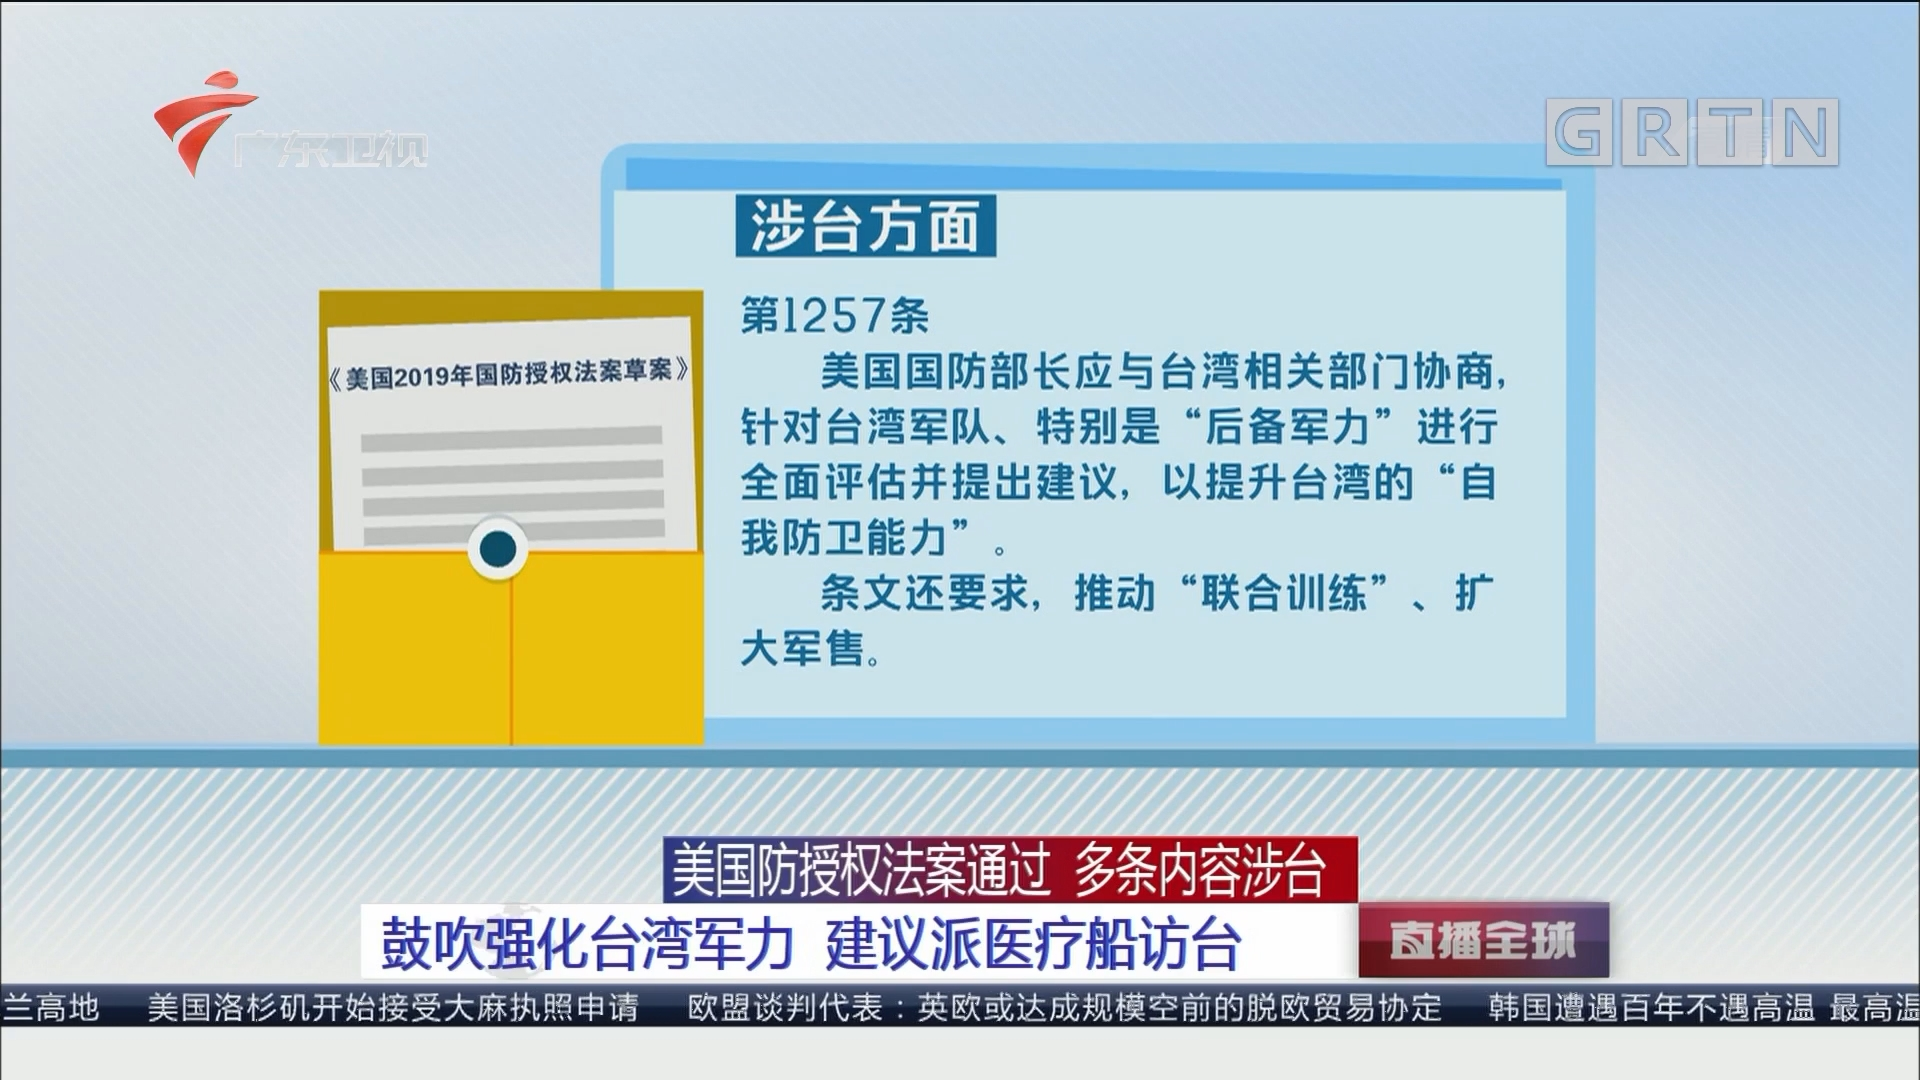 美国防授权法案通过 多条内容涉台:鼓吹强化台湾军力 建议派医疗船访台